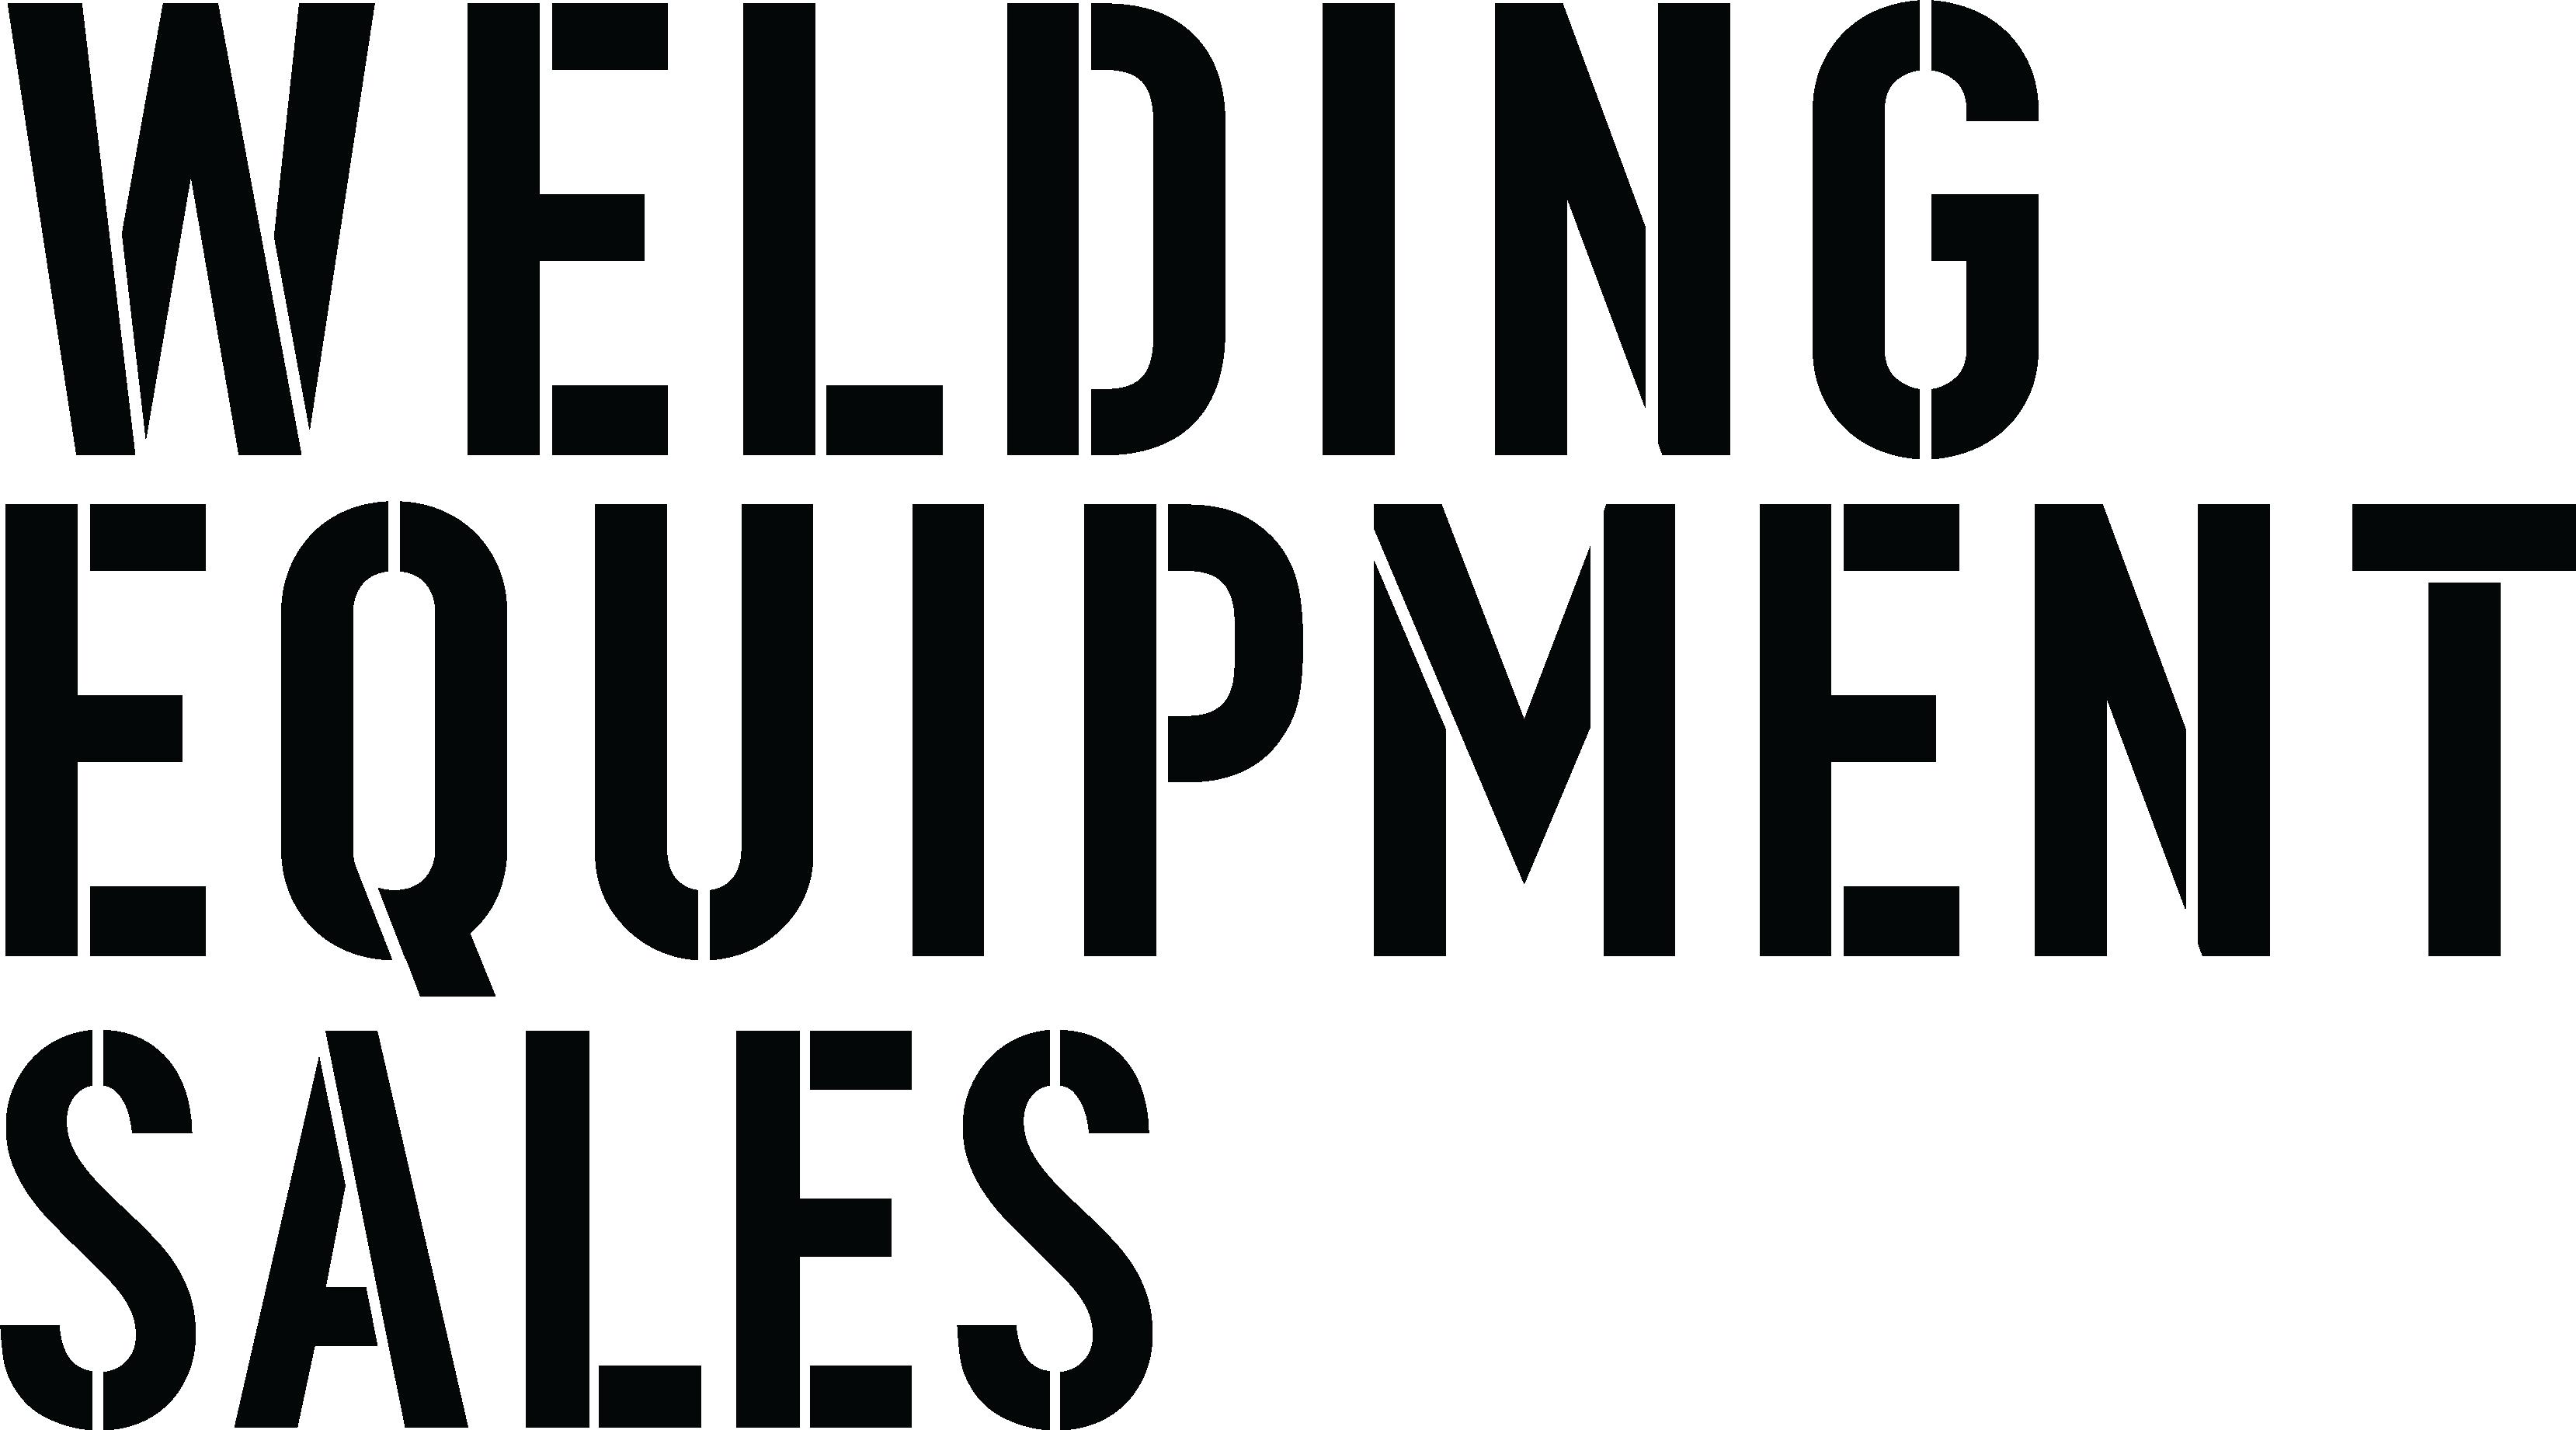 Welding Equipment Sales